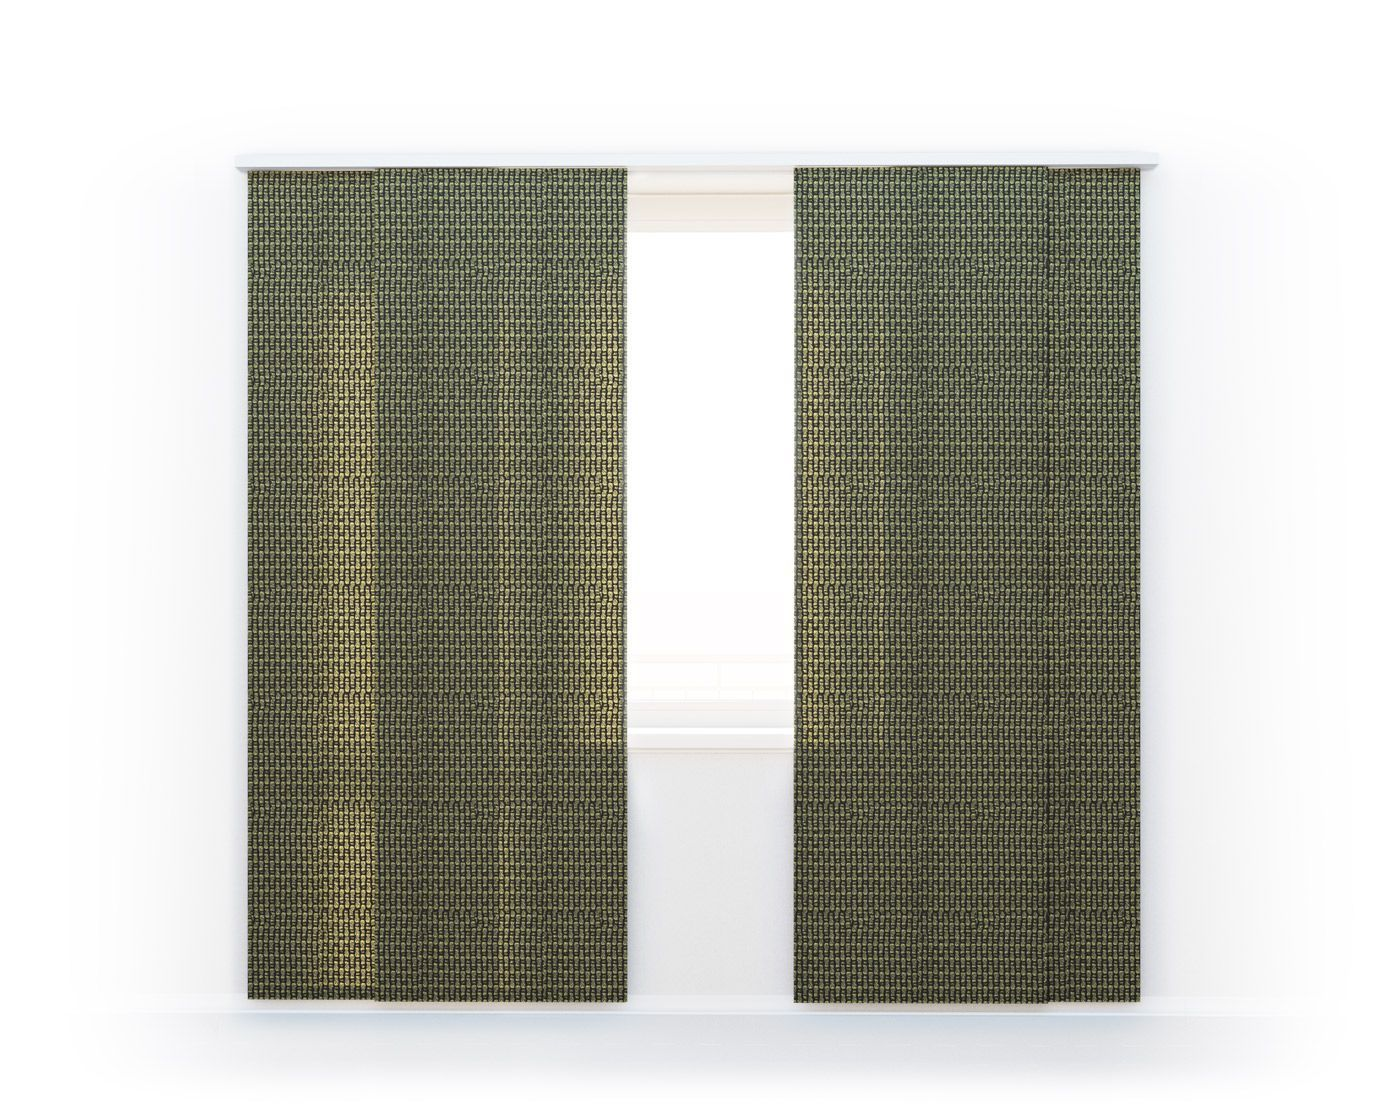 Японские шторы Ar deco part 2, 2370/20